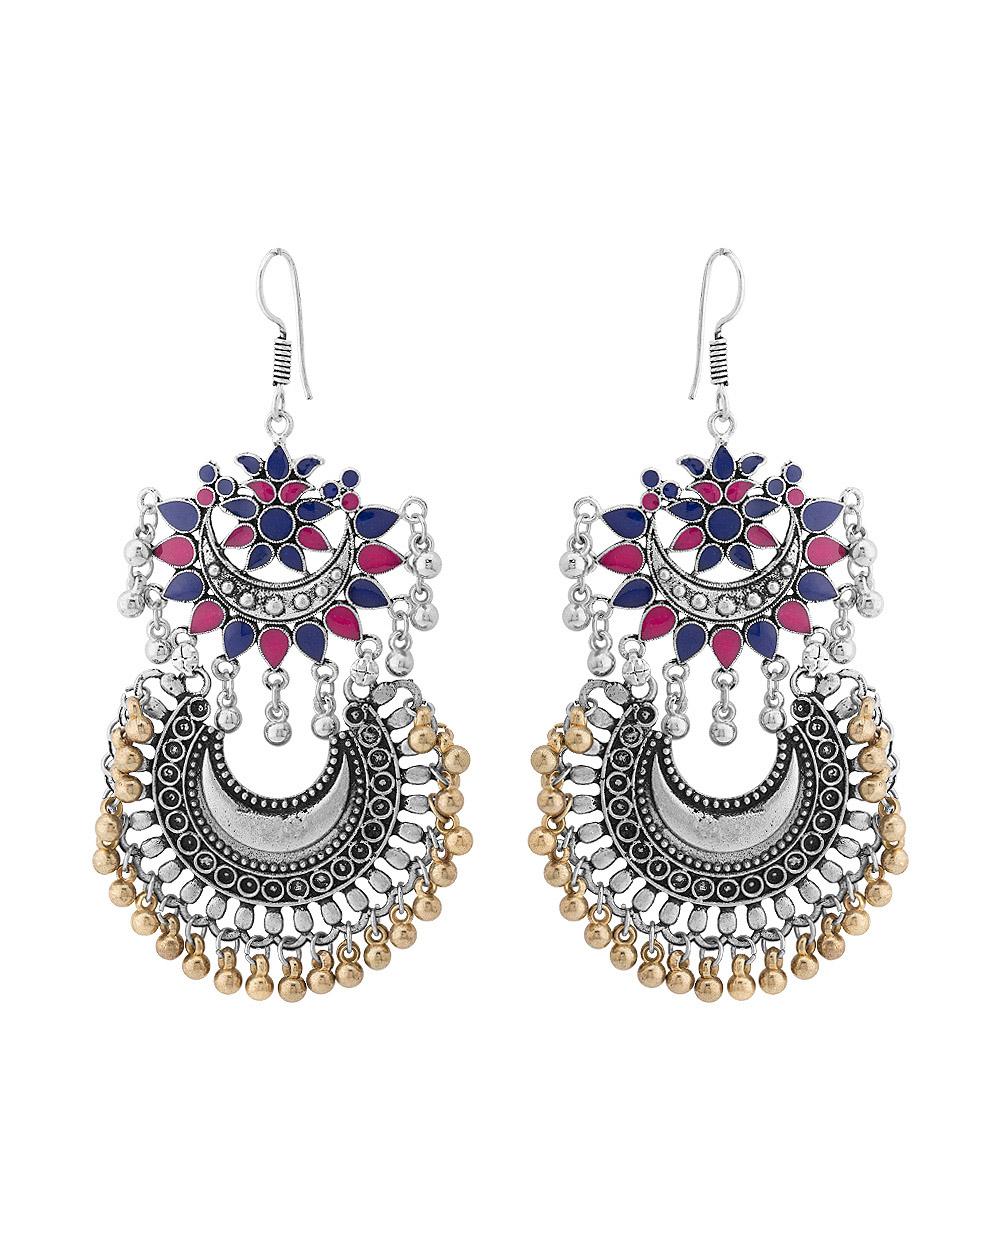 Buy Chandbali Earrings with Beautiful Enameling Online India | Voylla